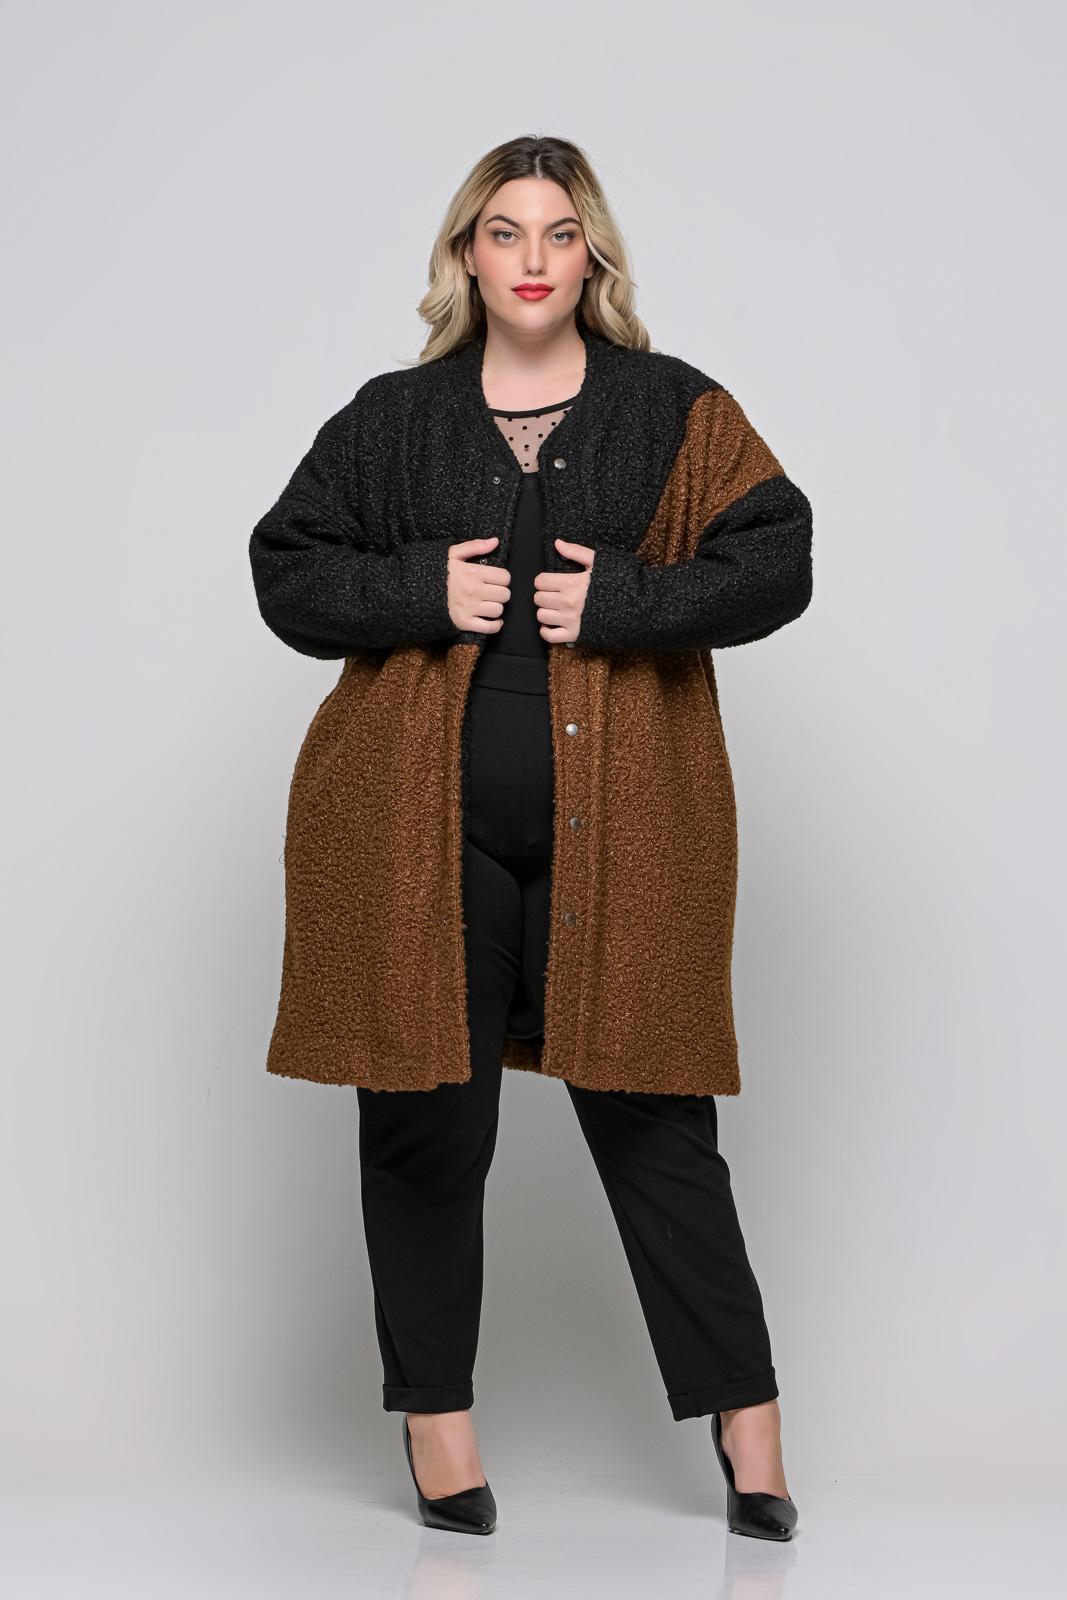 Παλτό μαύρο/καφέ μπουκλέ φοδραρισμένο με τσέπες. Στο eshop μας θα βρείτε οικονομικά γυναίκεια ρούχα σε μεγάλα μεγέθη και υπερμεγέθη.